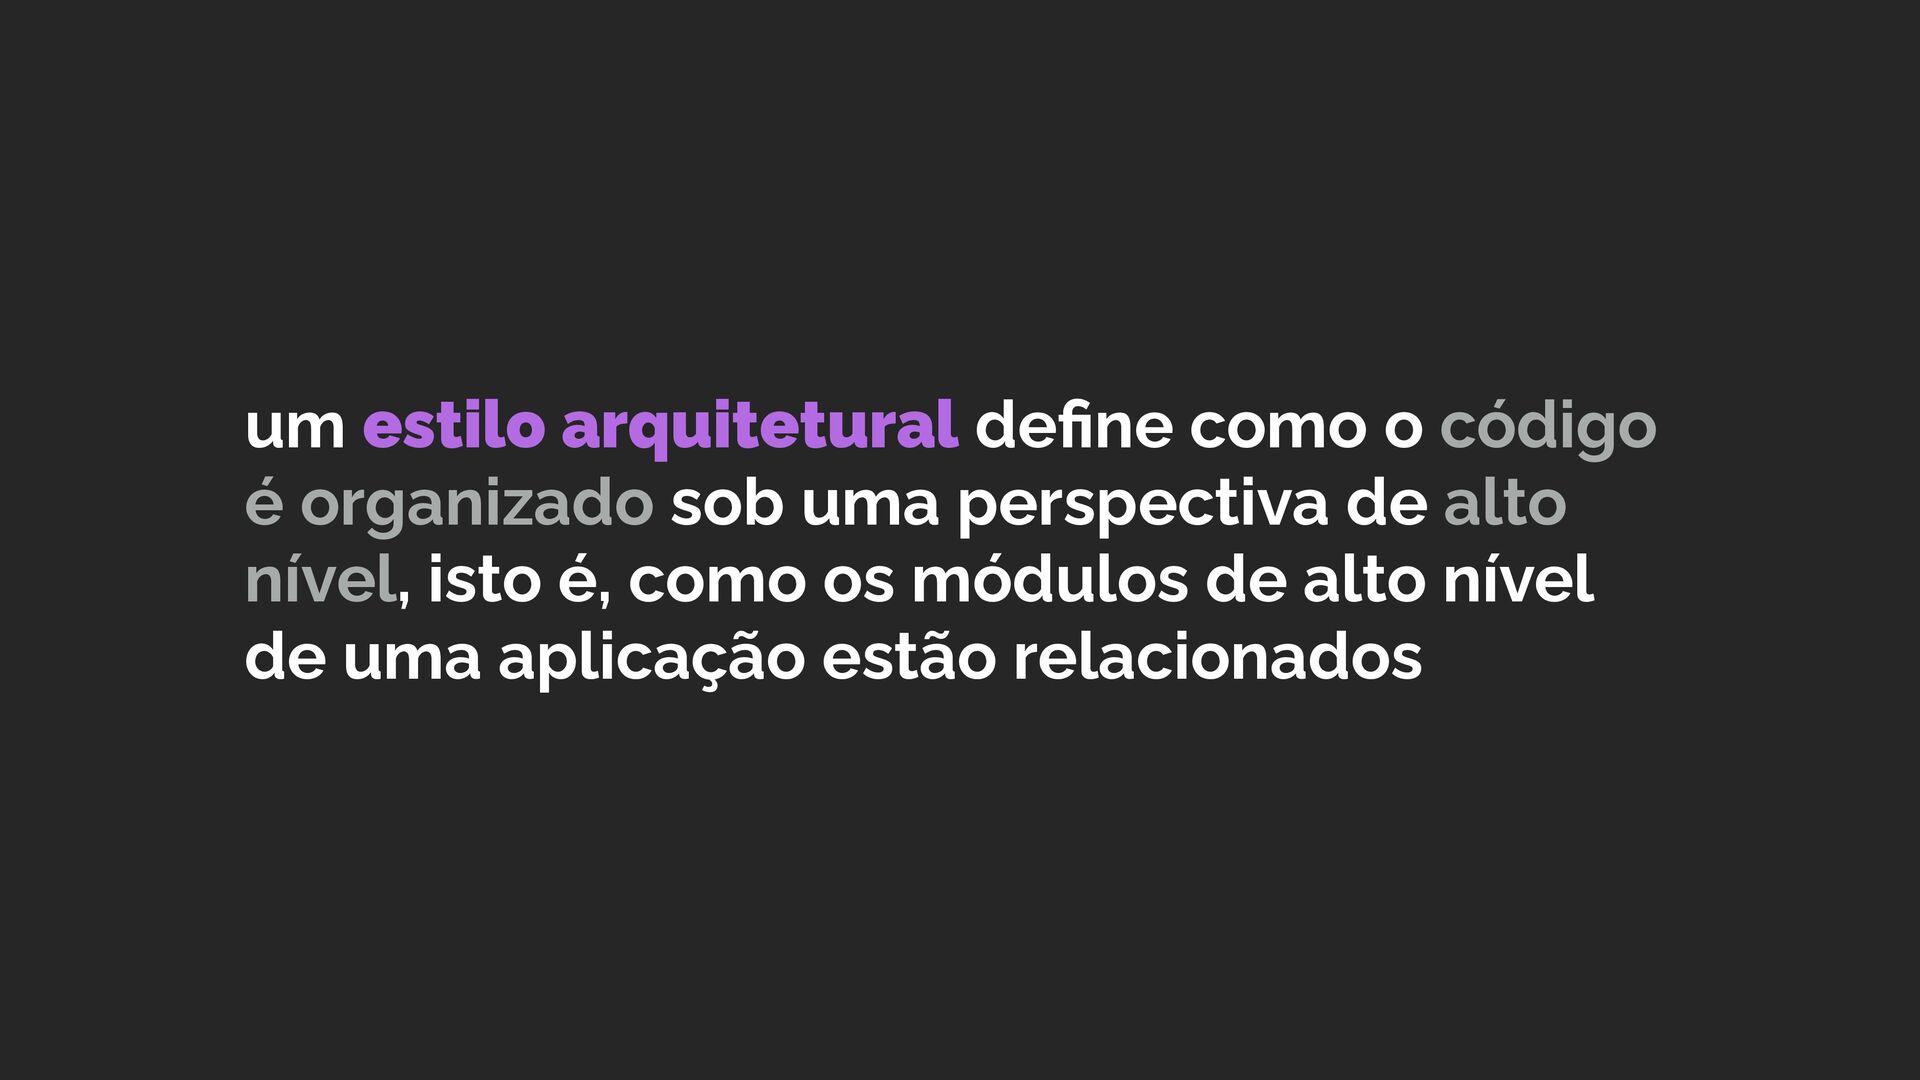 um estilo arquitetural define como o código é or...